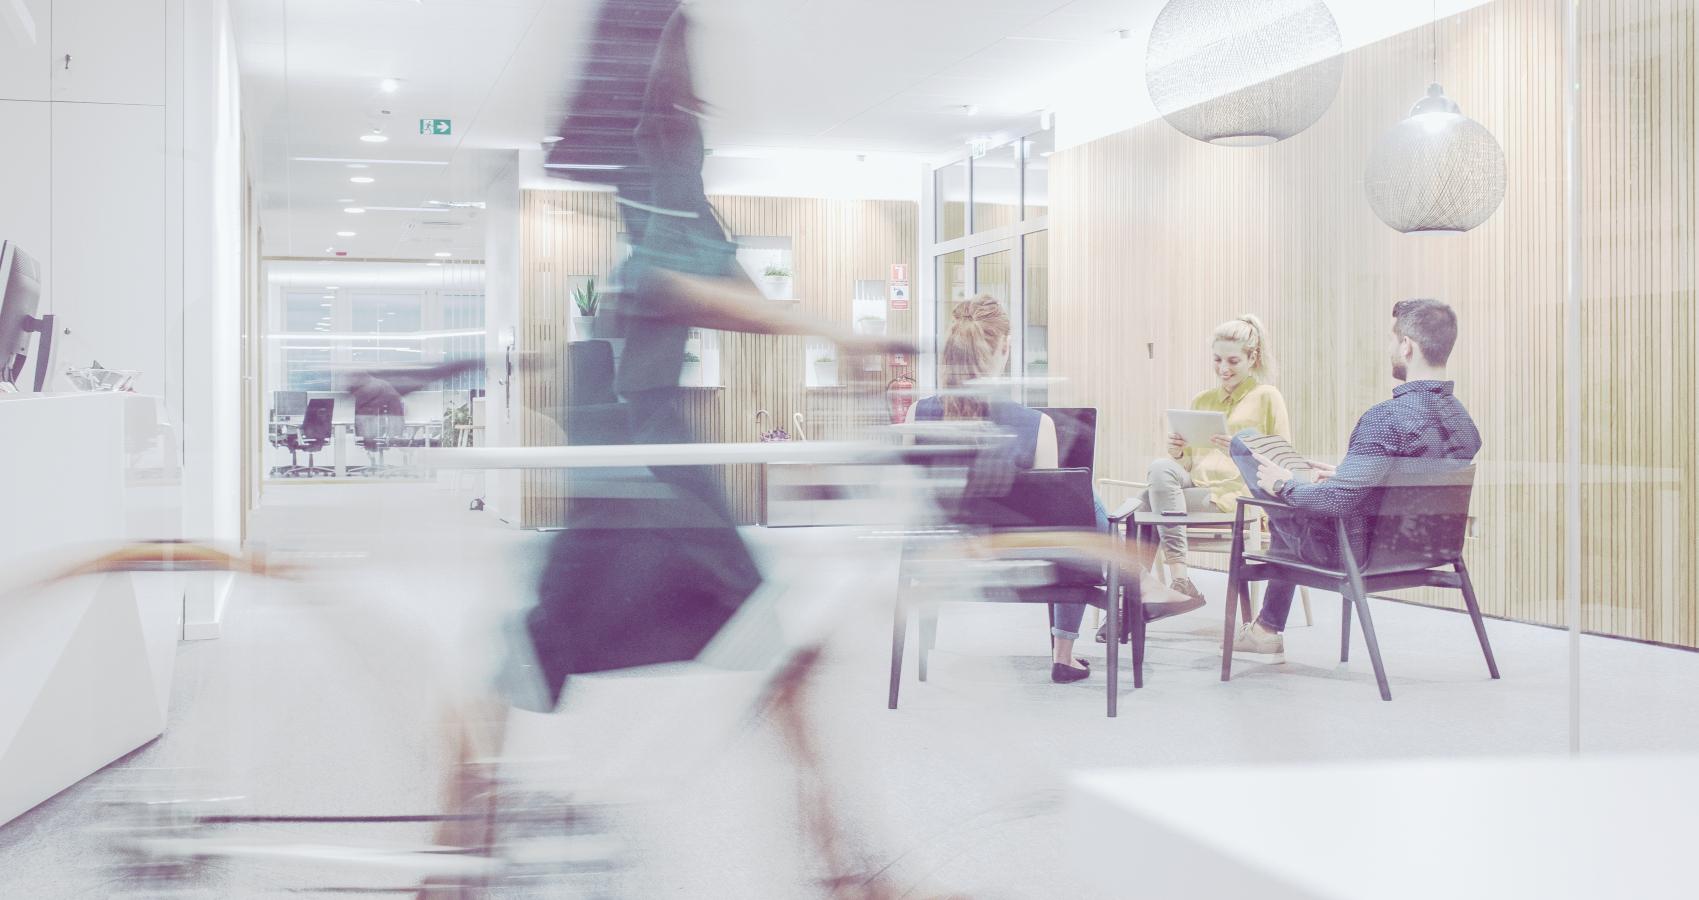 Sitzgruppe in einem Design-Büro - InterACT Network